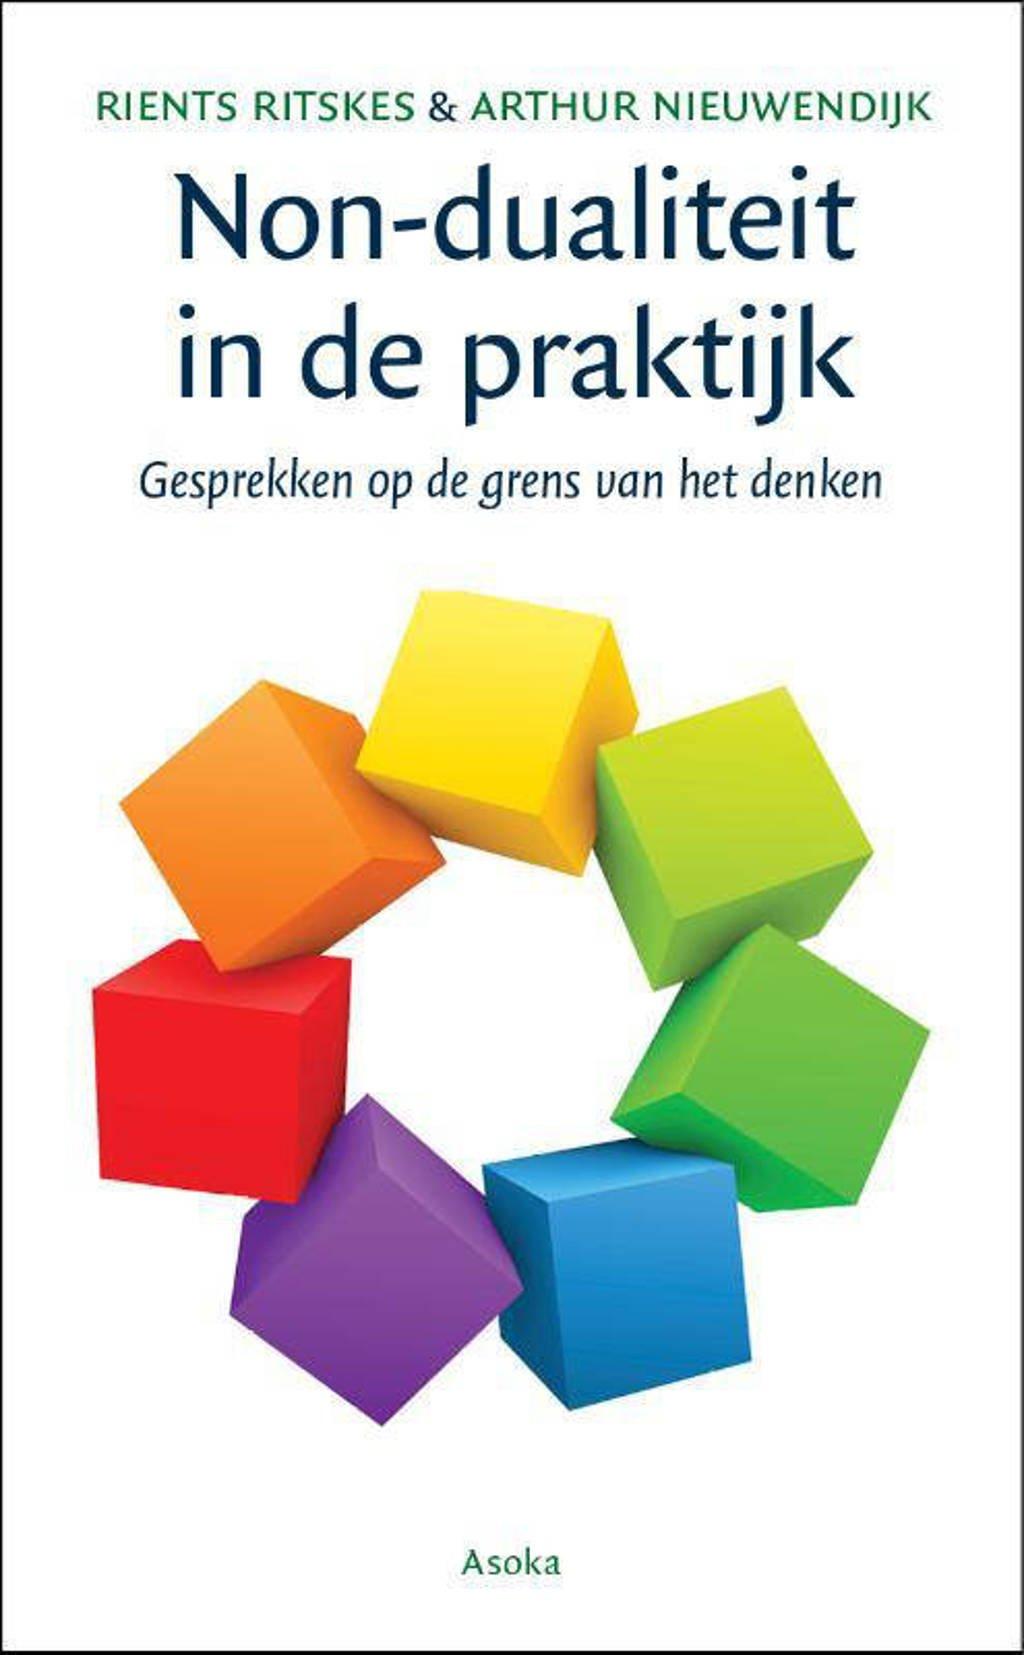 Non-dualiteit in de praktijk - Rients Ritskes en Arthur Nieuwendijk